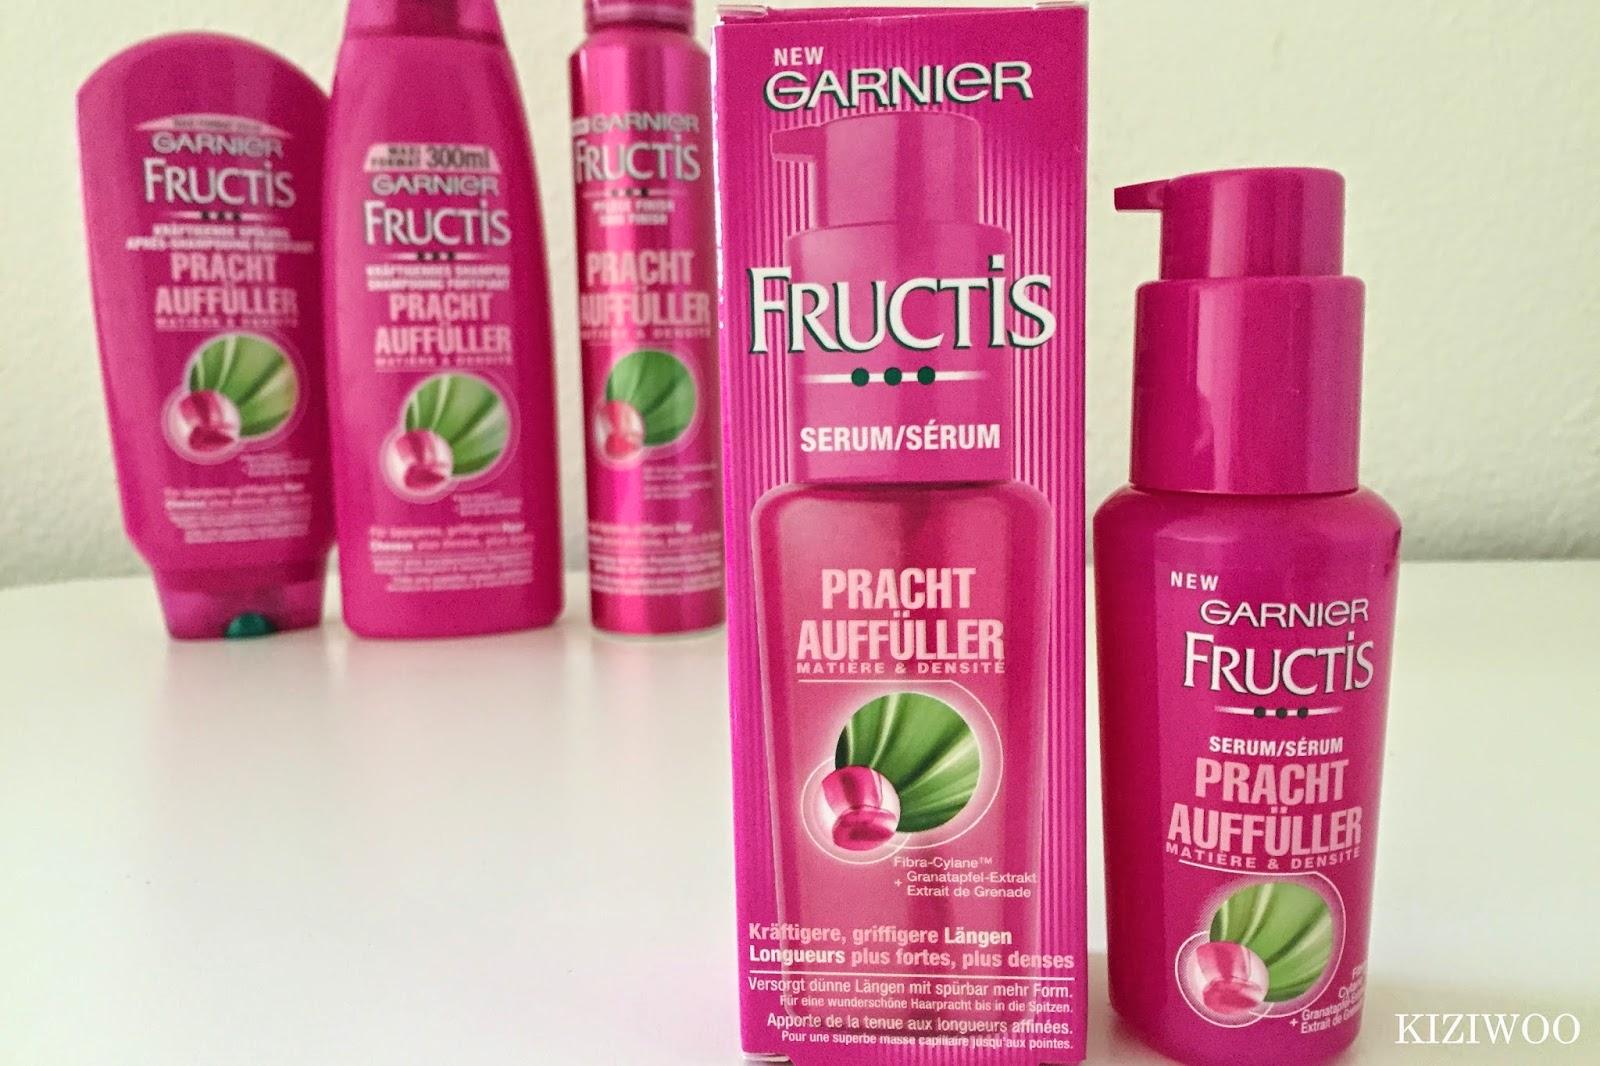 Garnier Fructis Full & Plush<p>